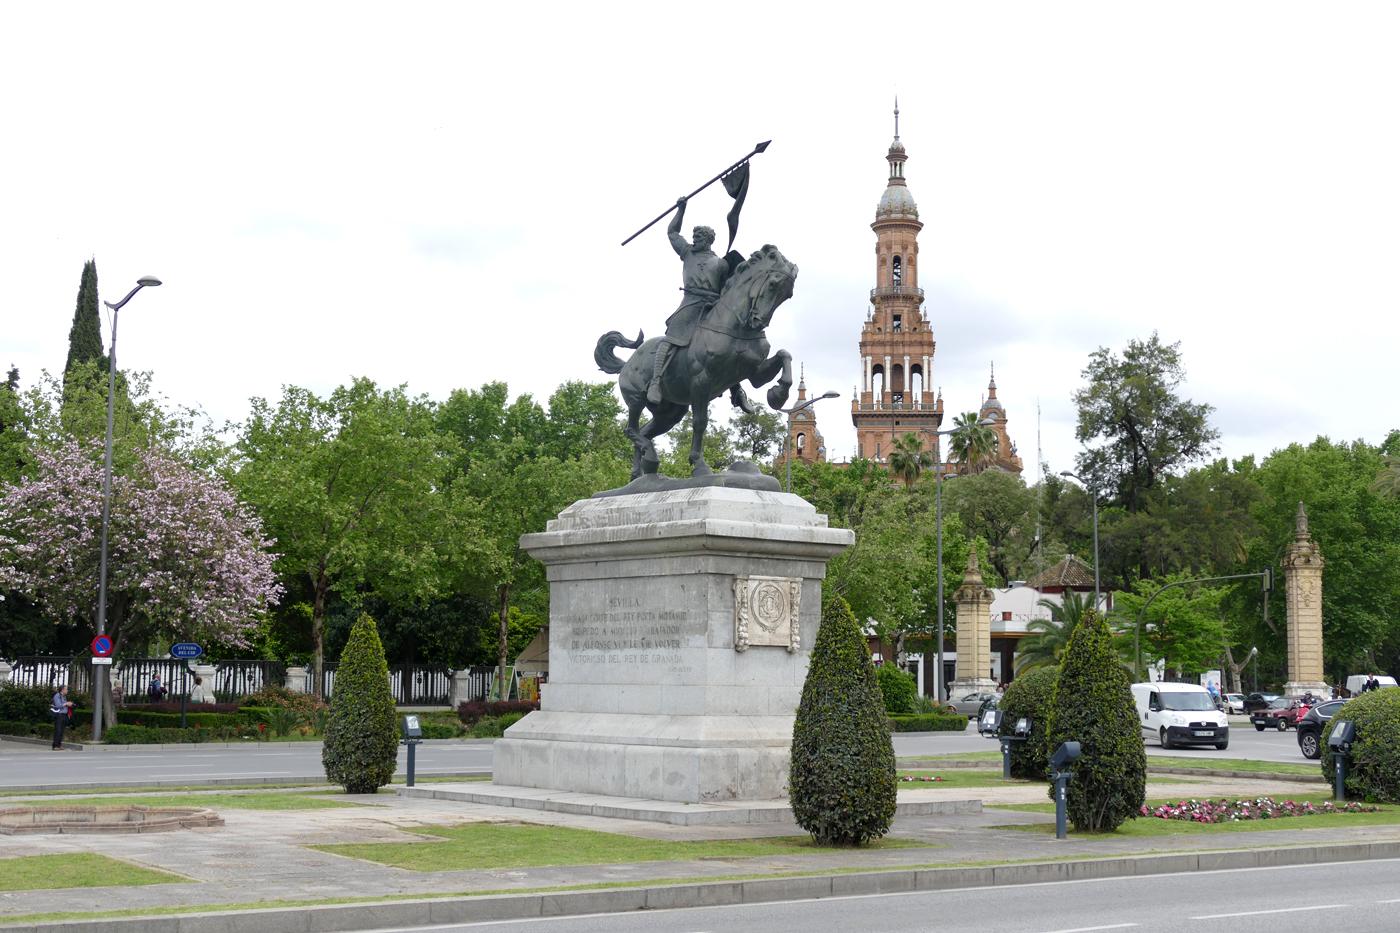 Estatua Cid Campeador Prado San Sebastián Torre Norte Plaza Espana al fondo